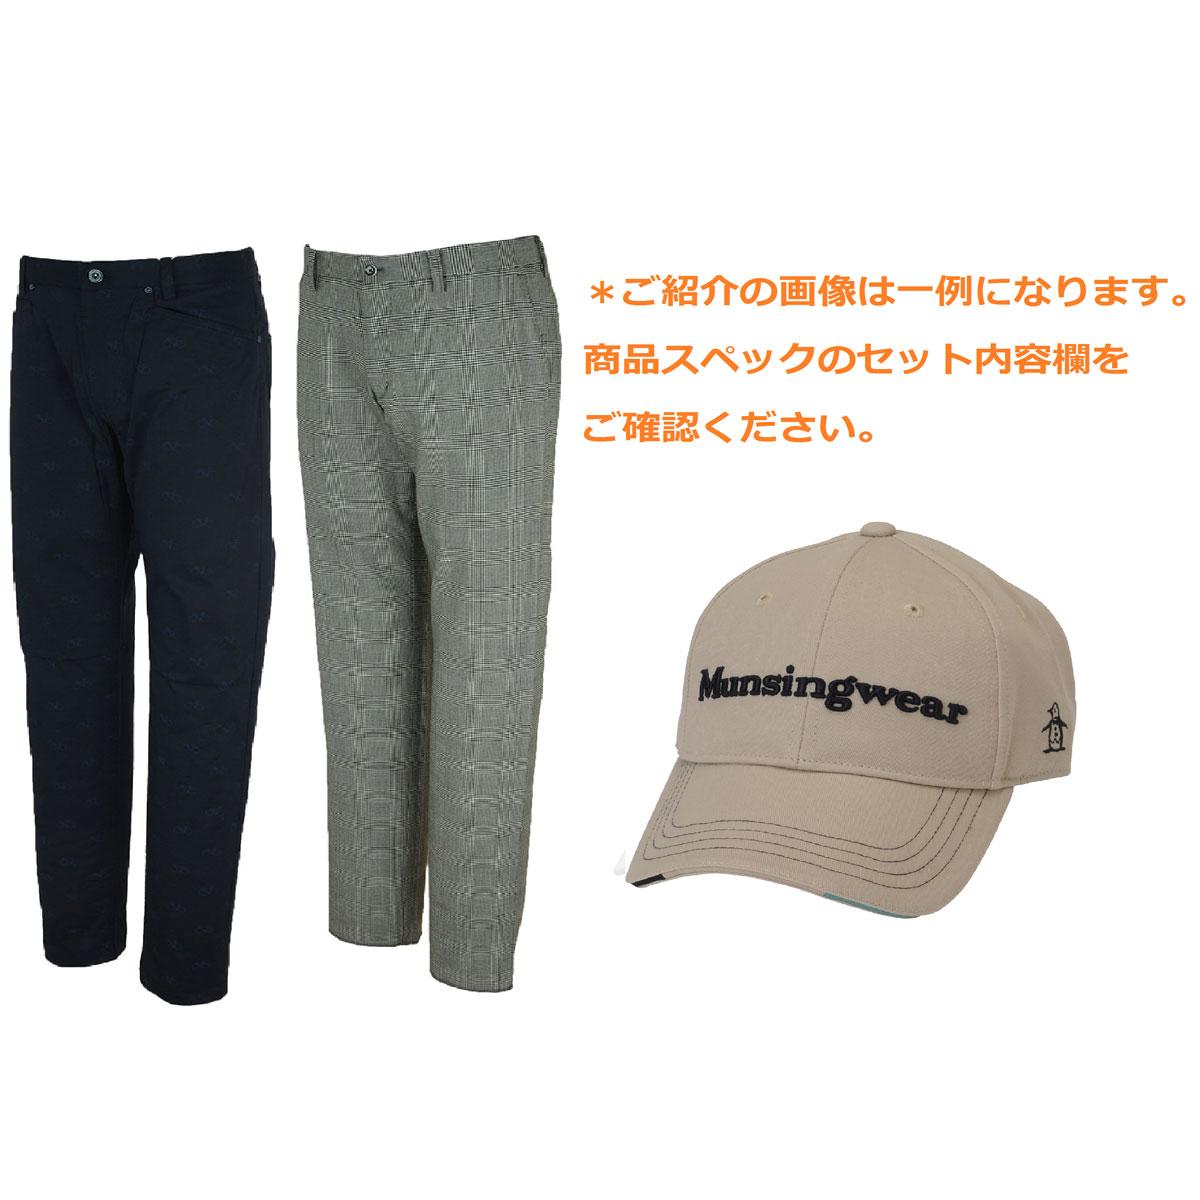 1万円パンツお買い得セット